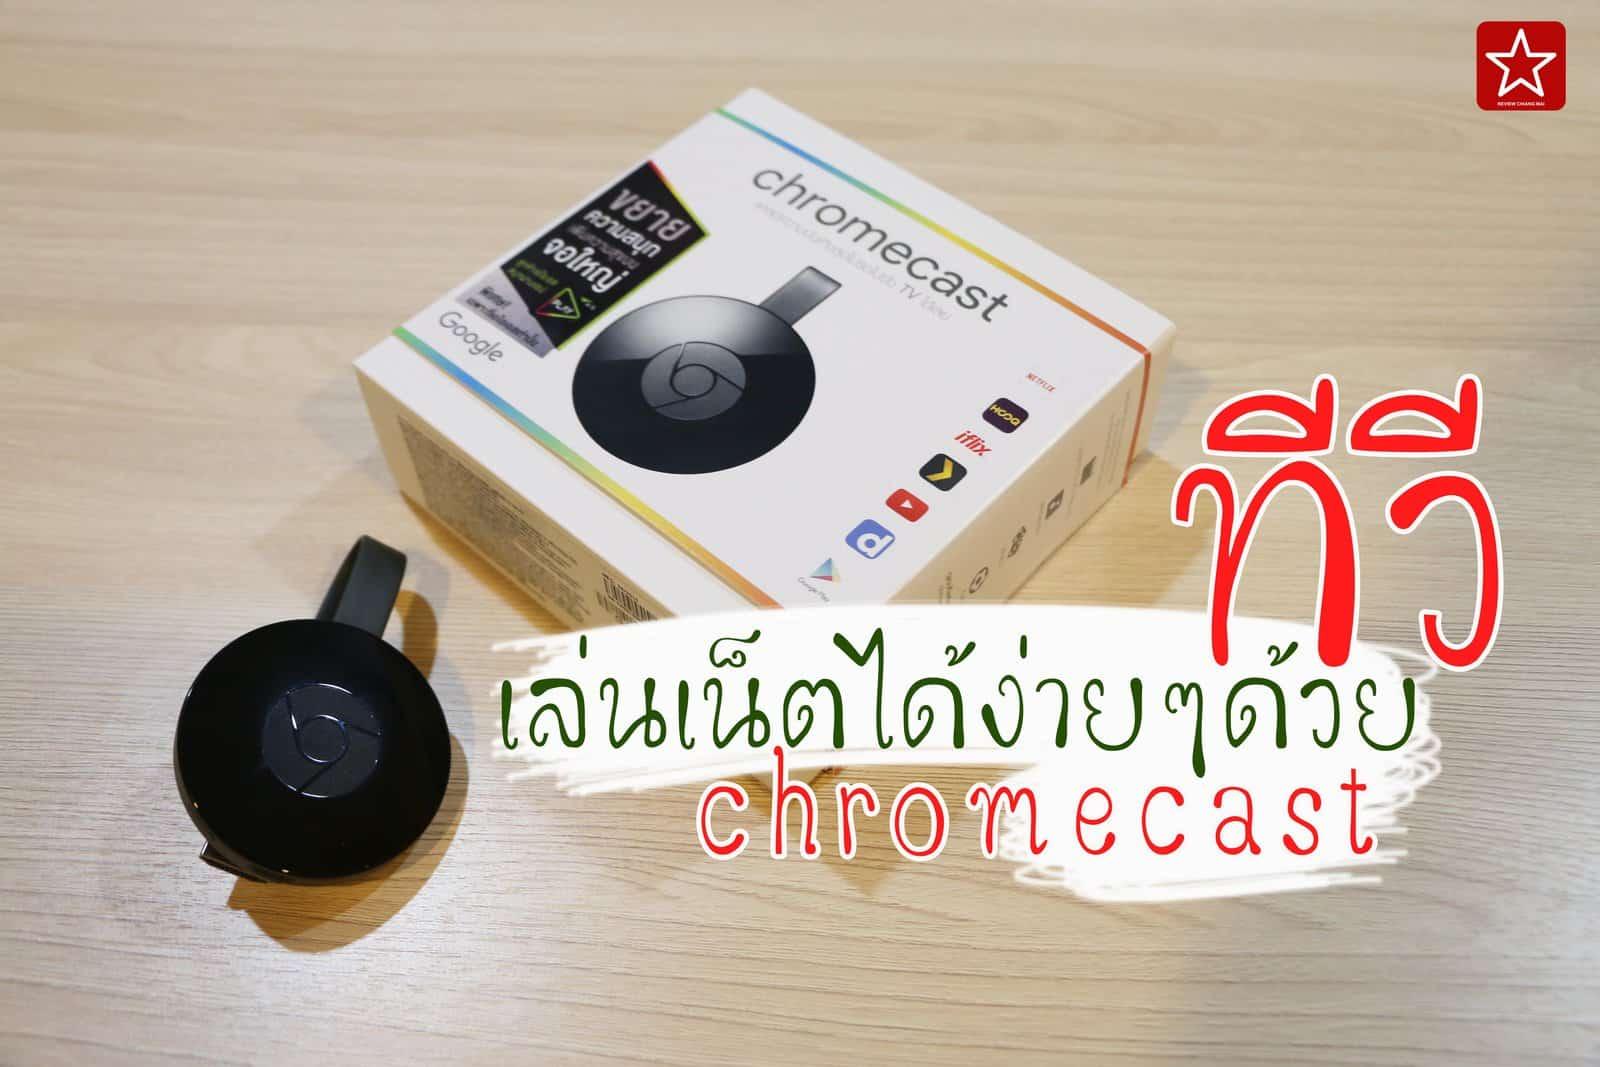 ทีวีเล่นเน็ตได้ง่ายๆ ด้วย  Chromecast